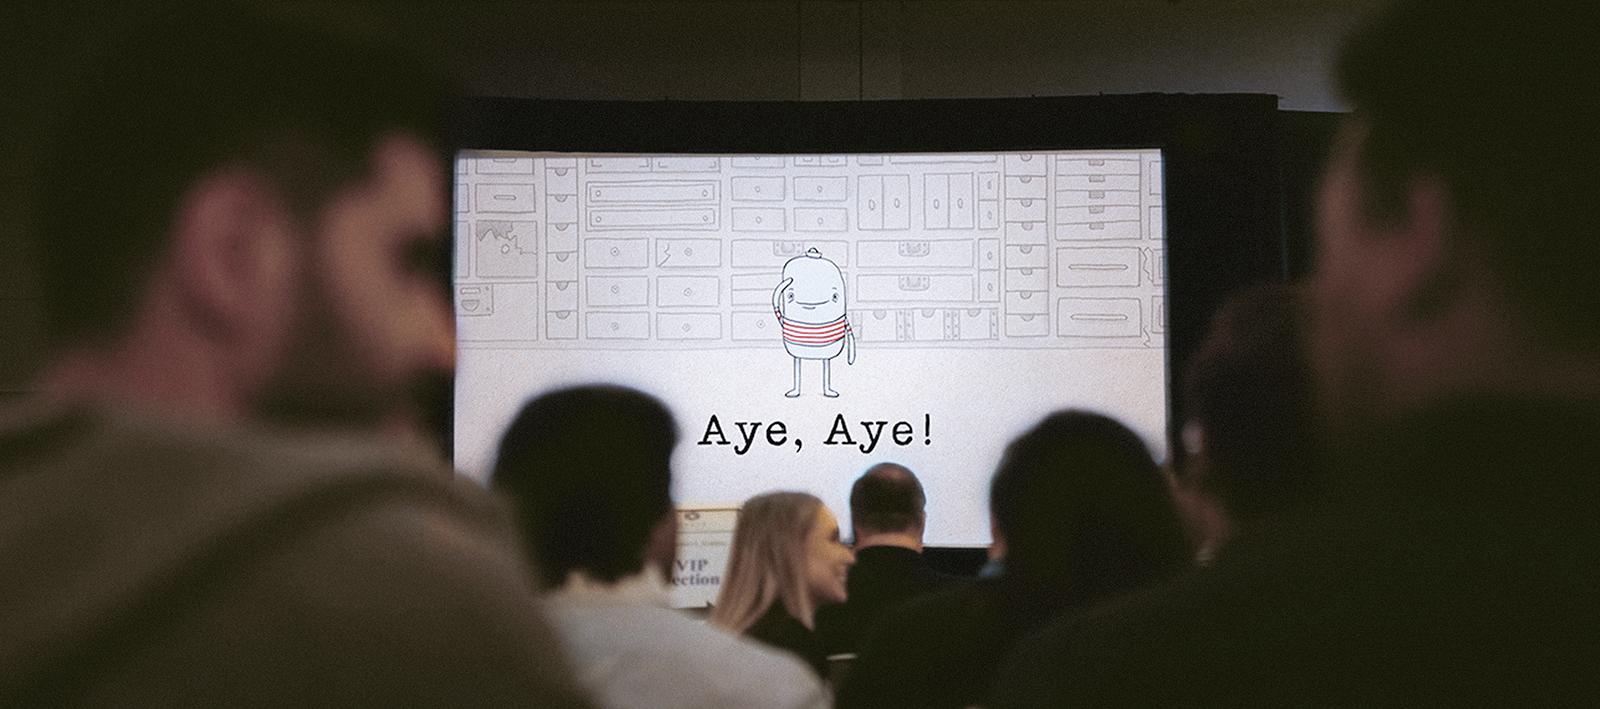 Aye, aye!